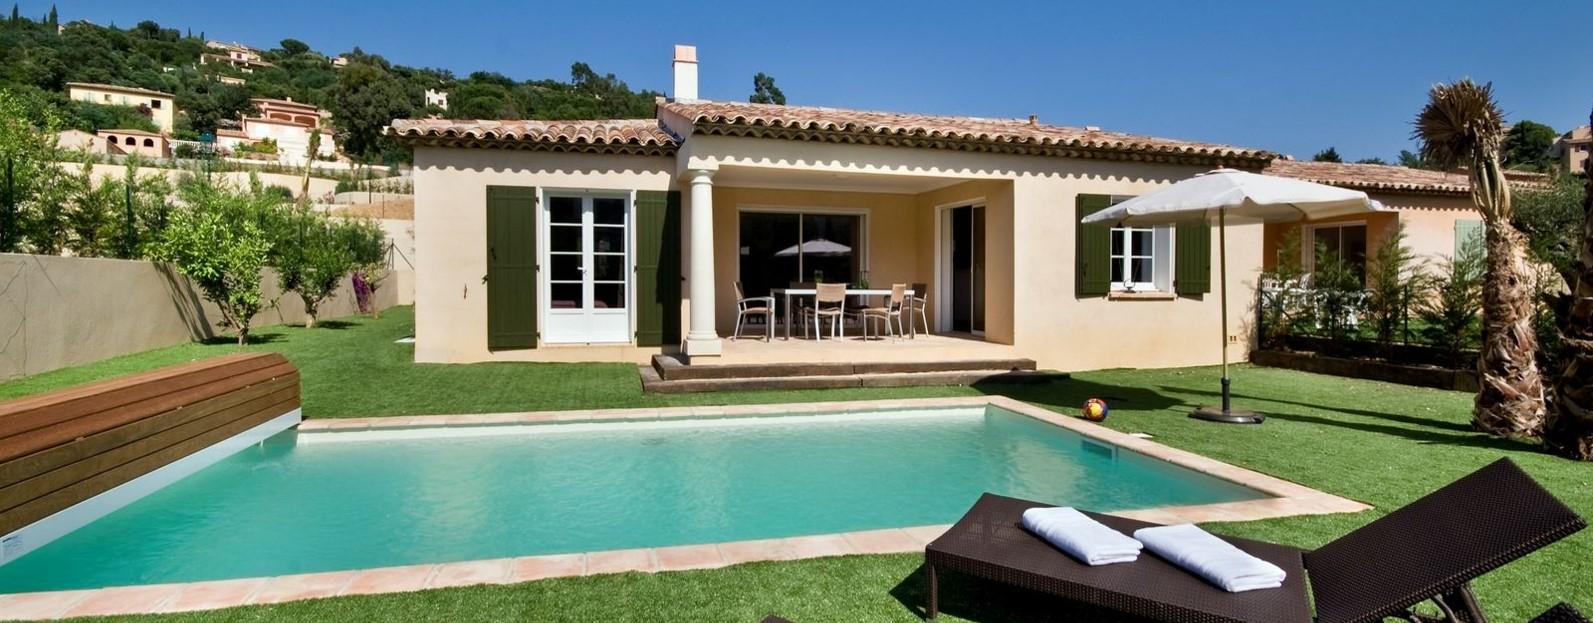 Location De Villas Avec Piscine Privée | Estivel, L'Esprit Hôtel concernant Location Villa France Avec Piscine